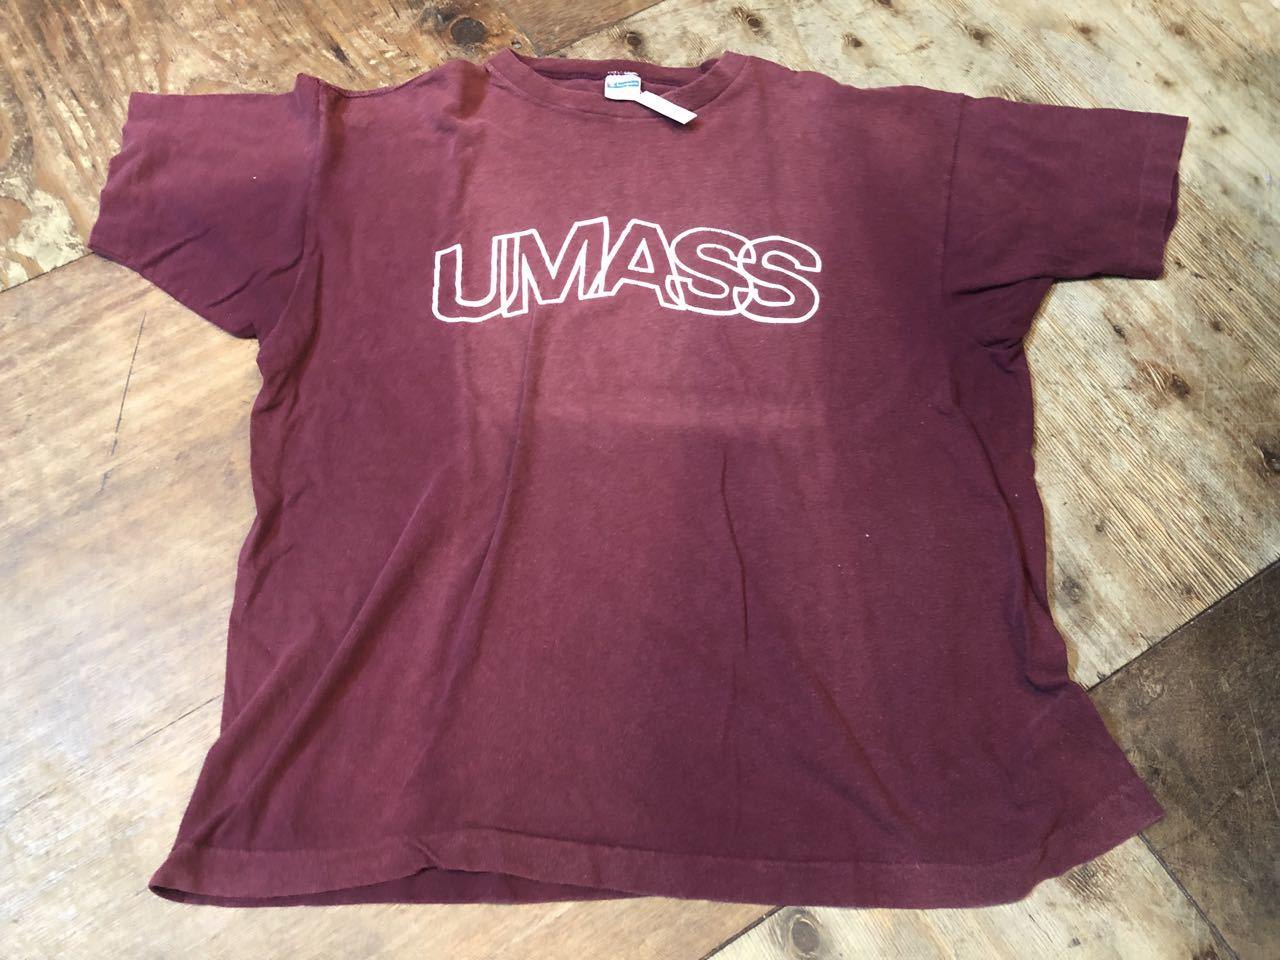 8月5日(月)入荷! 70s チャンピオン champion bar tag  University of Massachusetts  all cotton Tシャツ!_c0144020_14565500.jpg